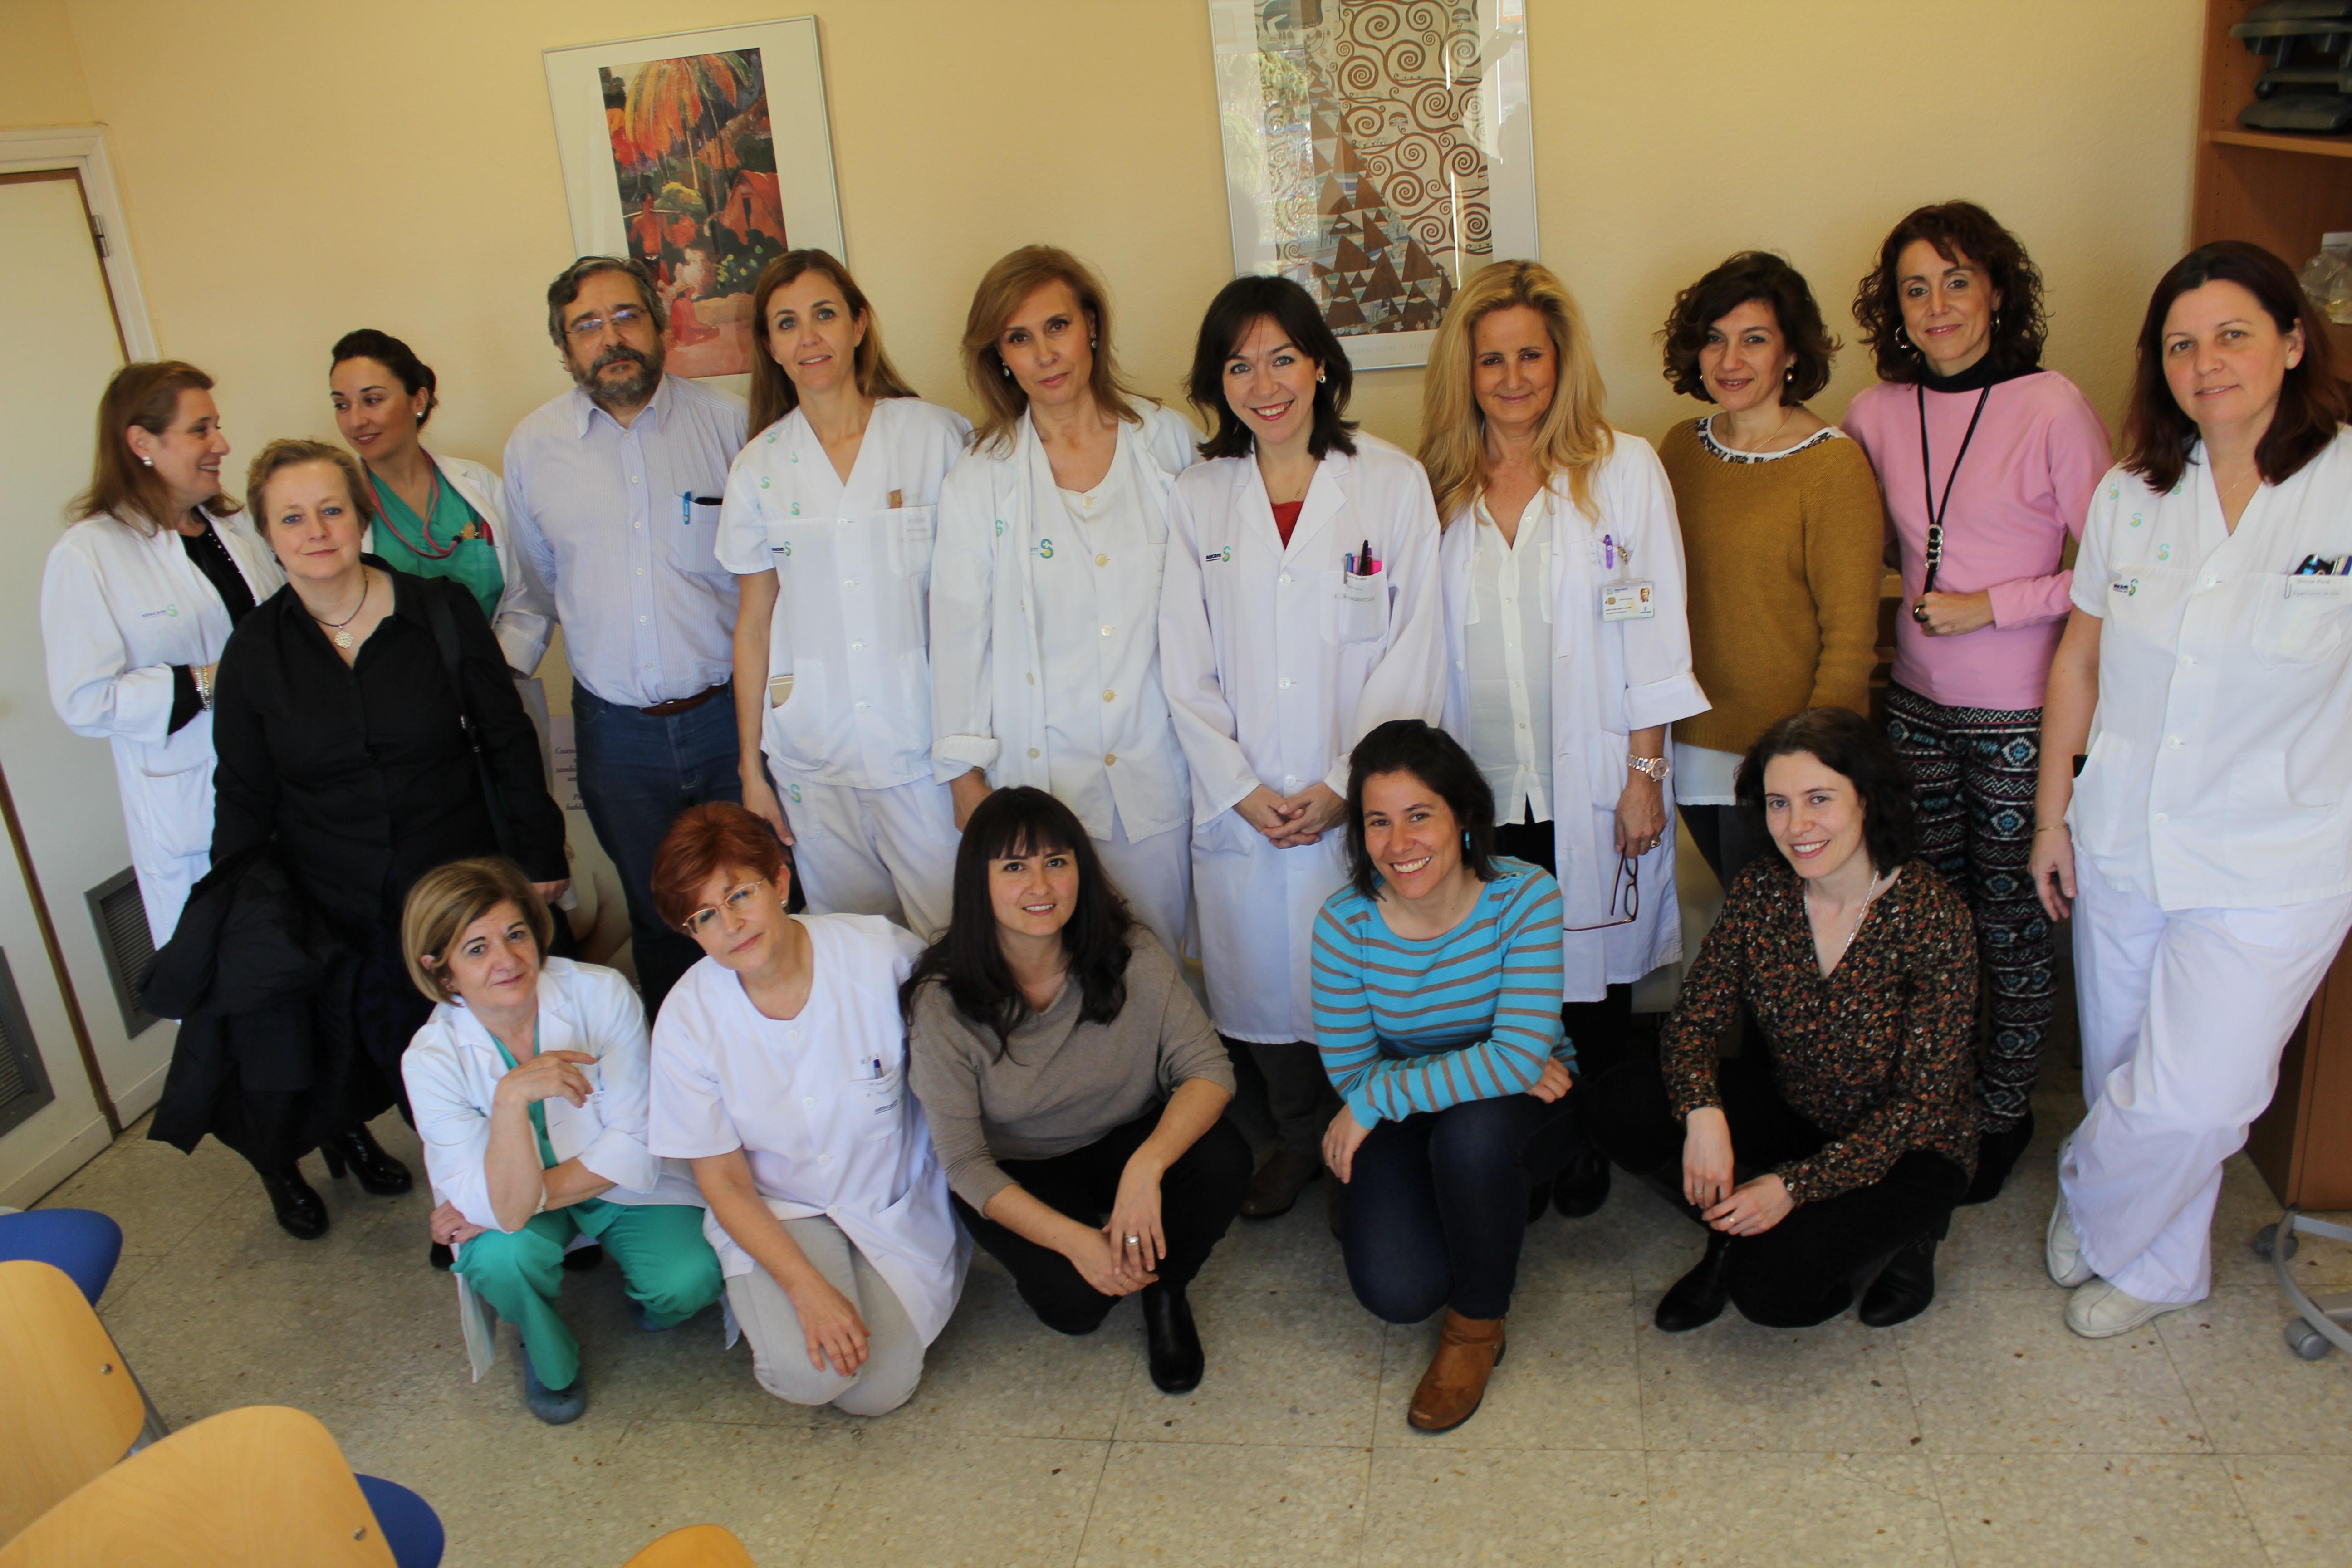 Ginecólogos, matronas, anestesistas, pediatras y profesionales de Enfermería del Complejo Hospitalario de Toledo organizan una charla-coloquio sobre la atención en el parto dirigida a las futuras madres.